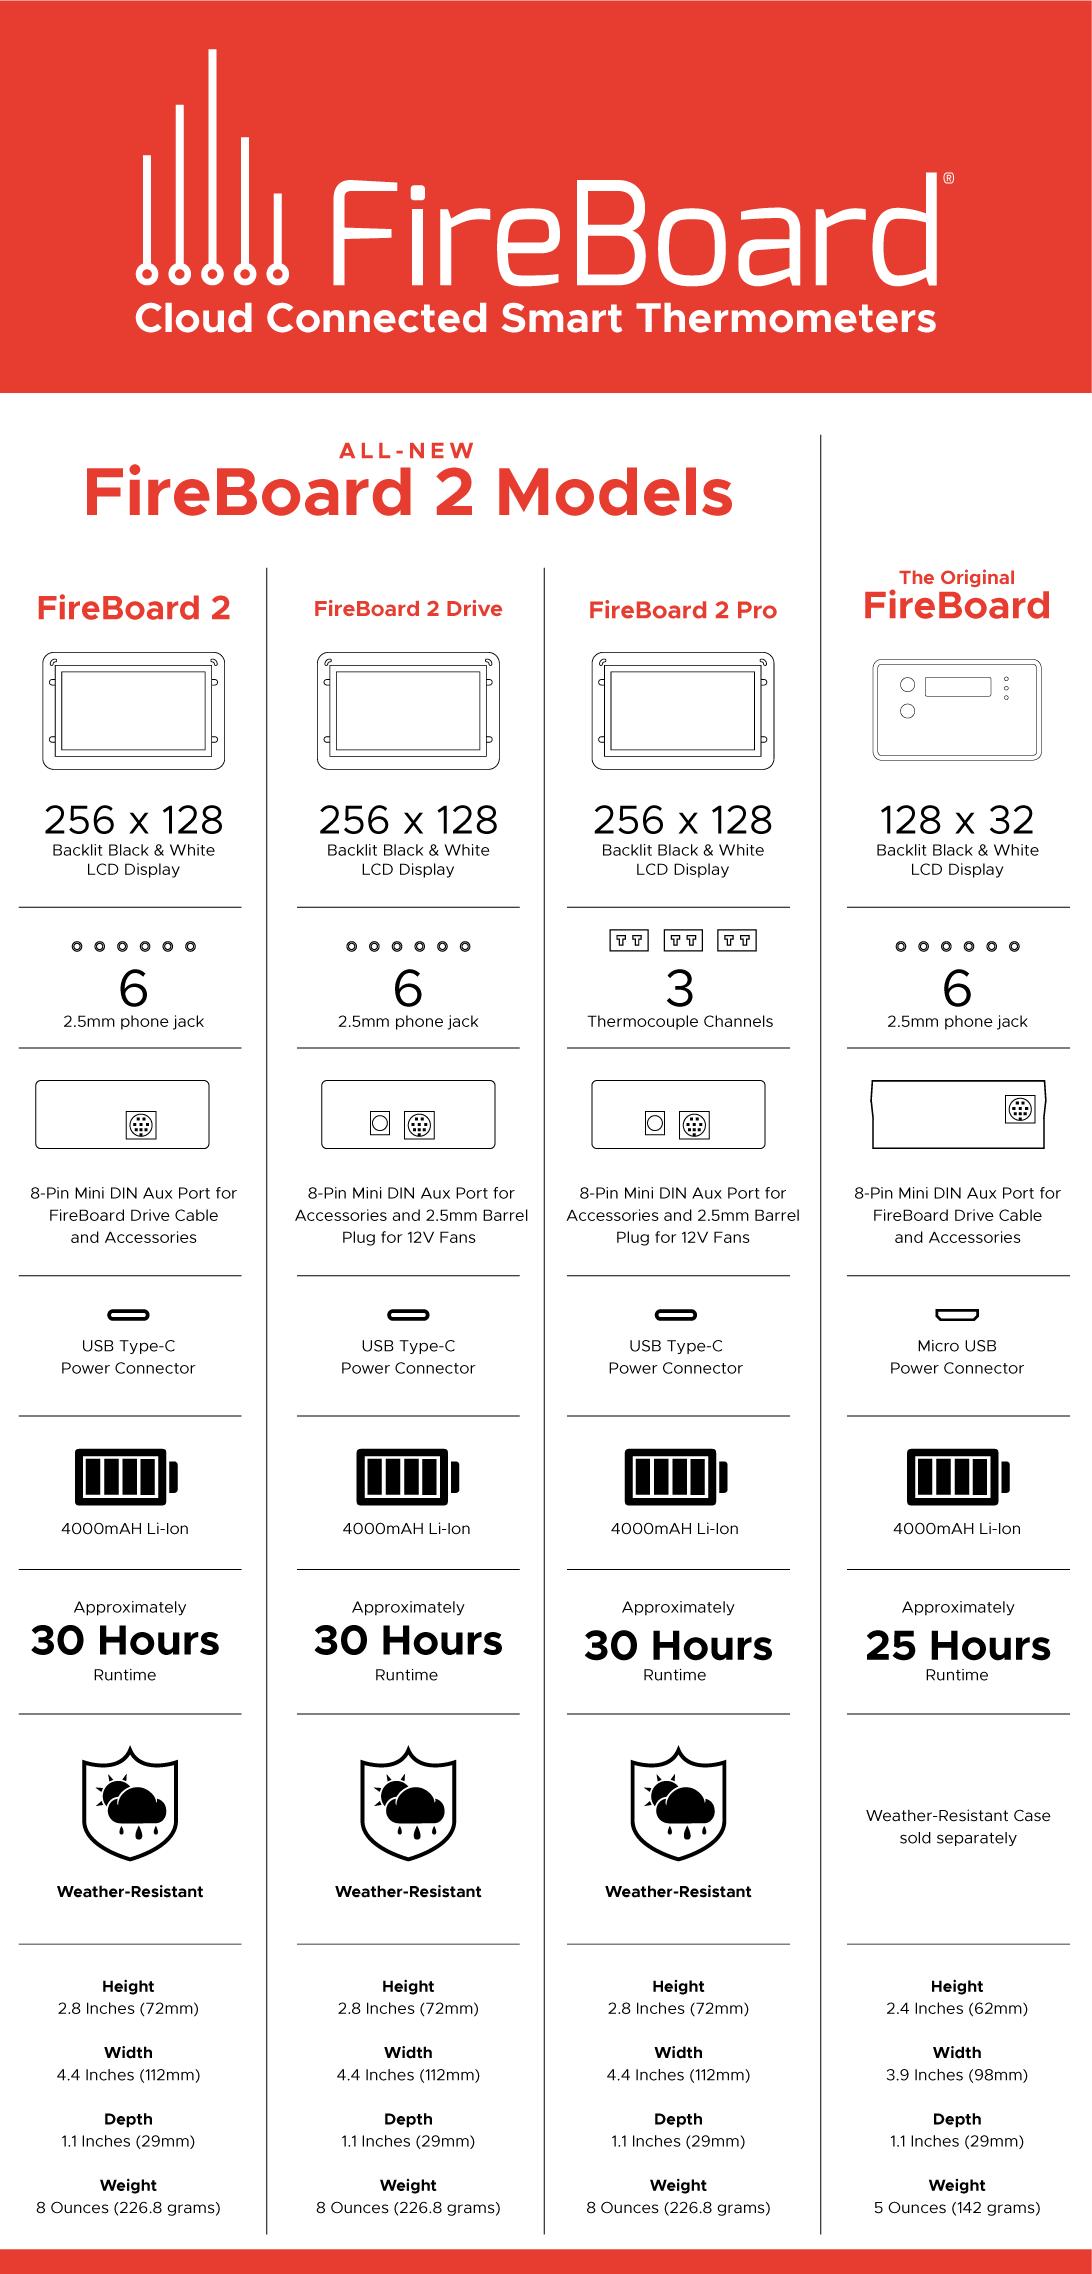 FireBoard 2 Comparison